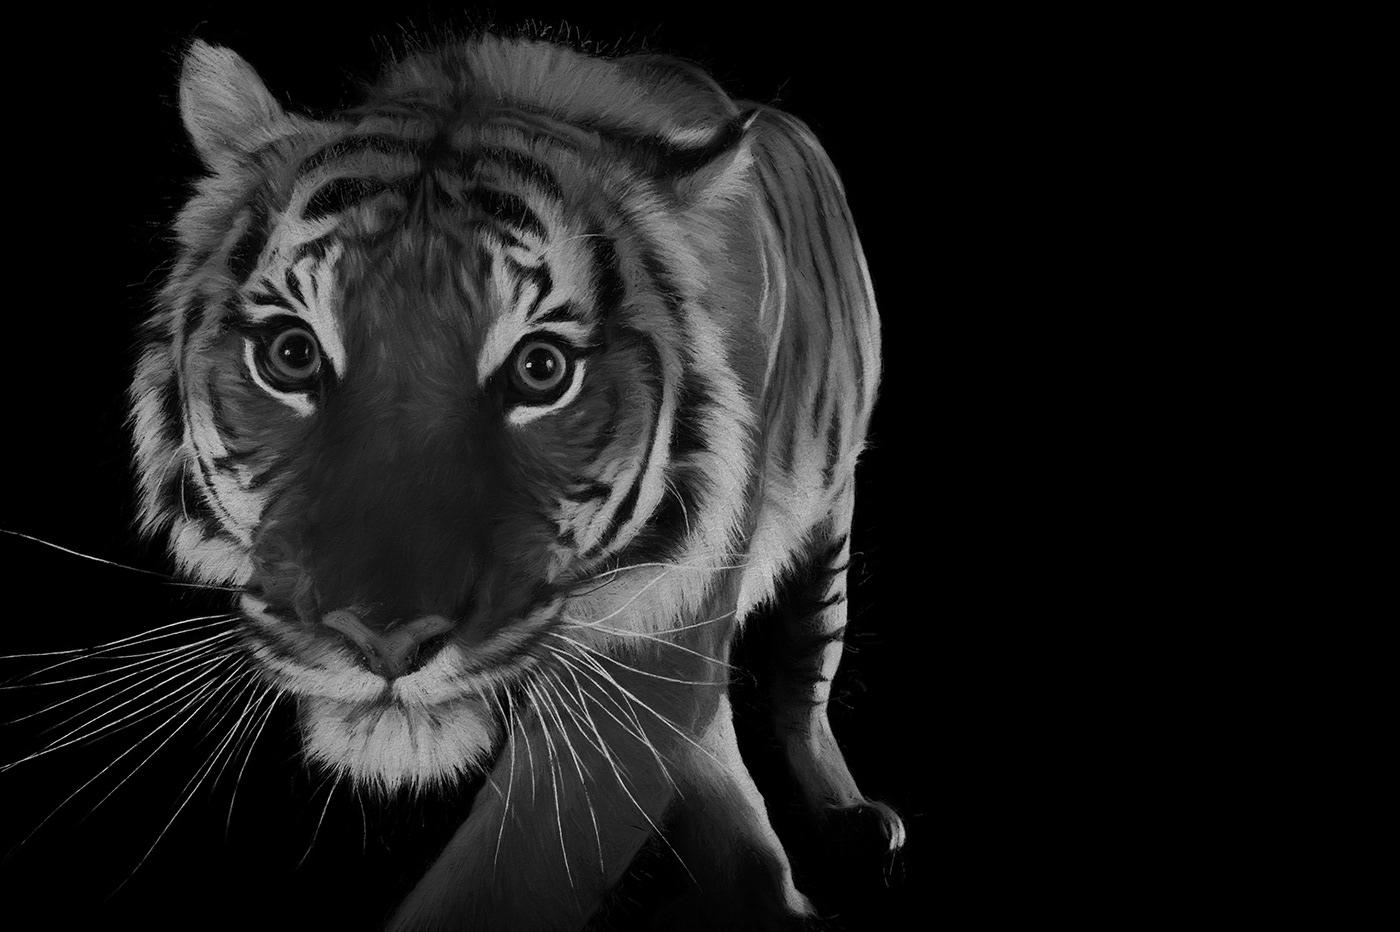 Image may contain: mammal, animal and big cat